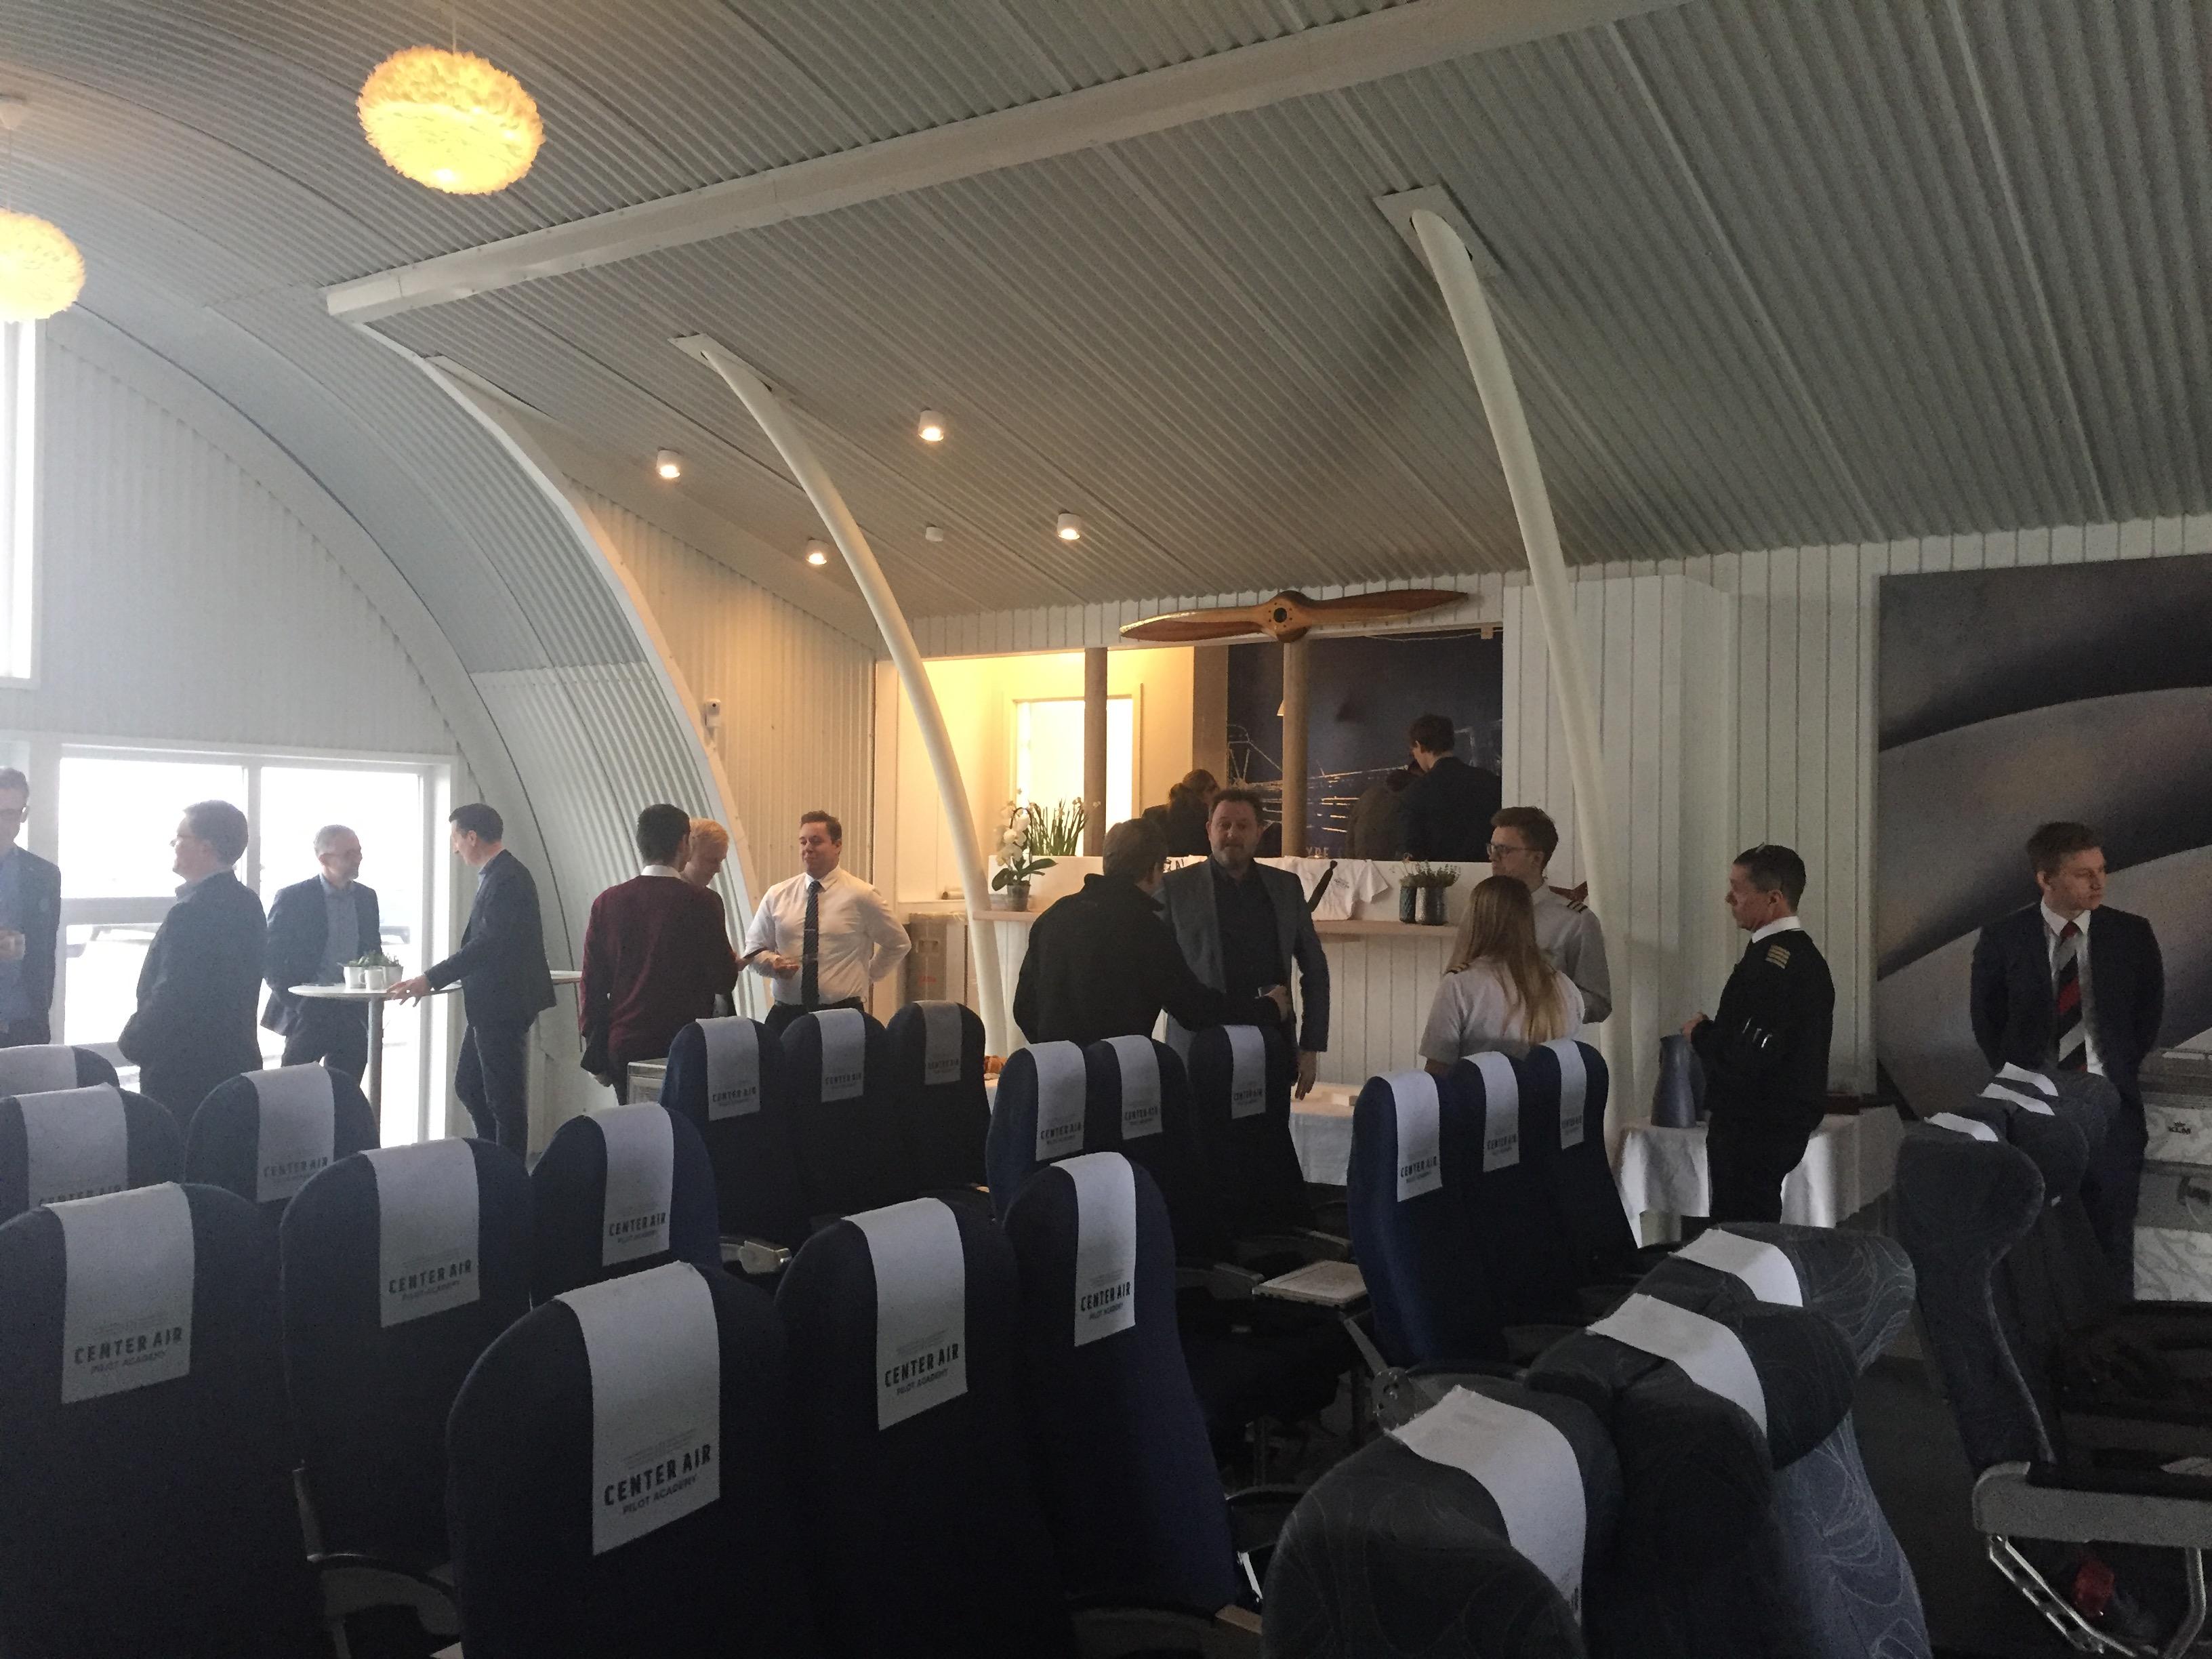 Onsdag blev der afholdt Danish Aviation Network Symposium hos Center Air Pilot Academy i Roskilde Lufthavn. Foto: Danny Longhi Andreasen